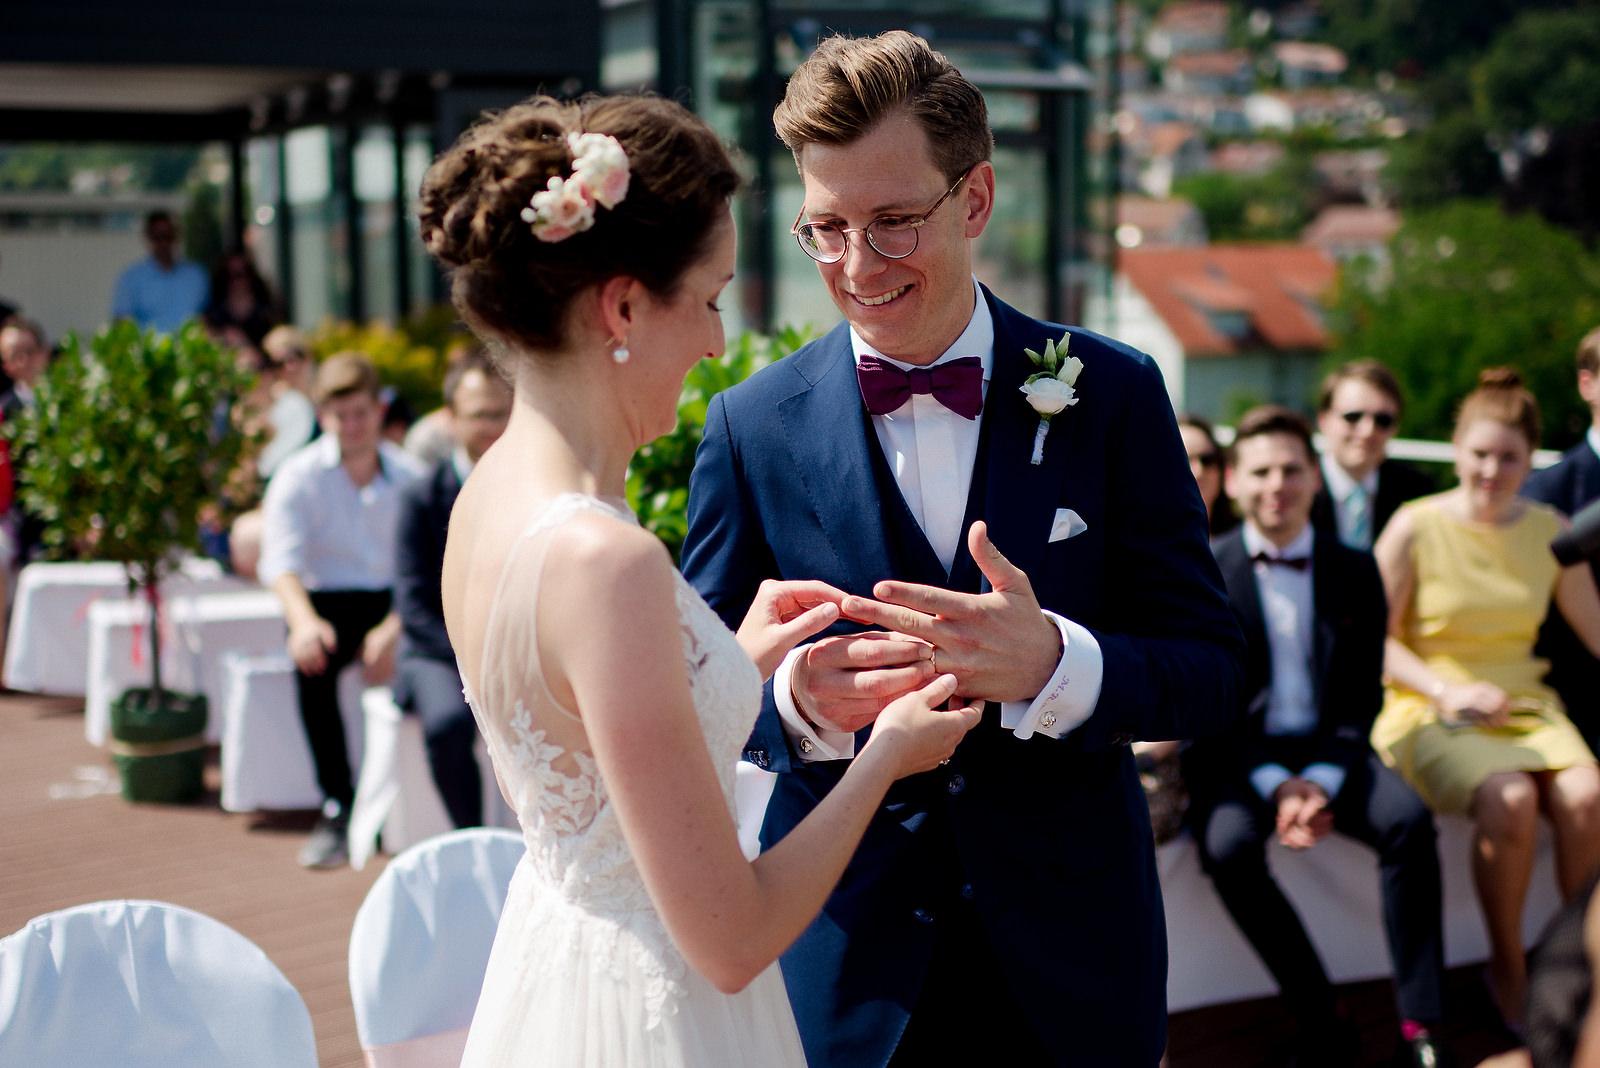 Fotograf Konstanz - Hochzeitsfotograf Bodensee Zollhaus Ludwigshafen Hochzeit Konstanz EFP 029 - Hochzeitsreportage im Zollhaus in Bodman-Ludwigshafen, Bodensee  - 162 -